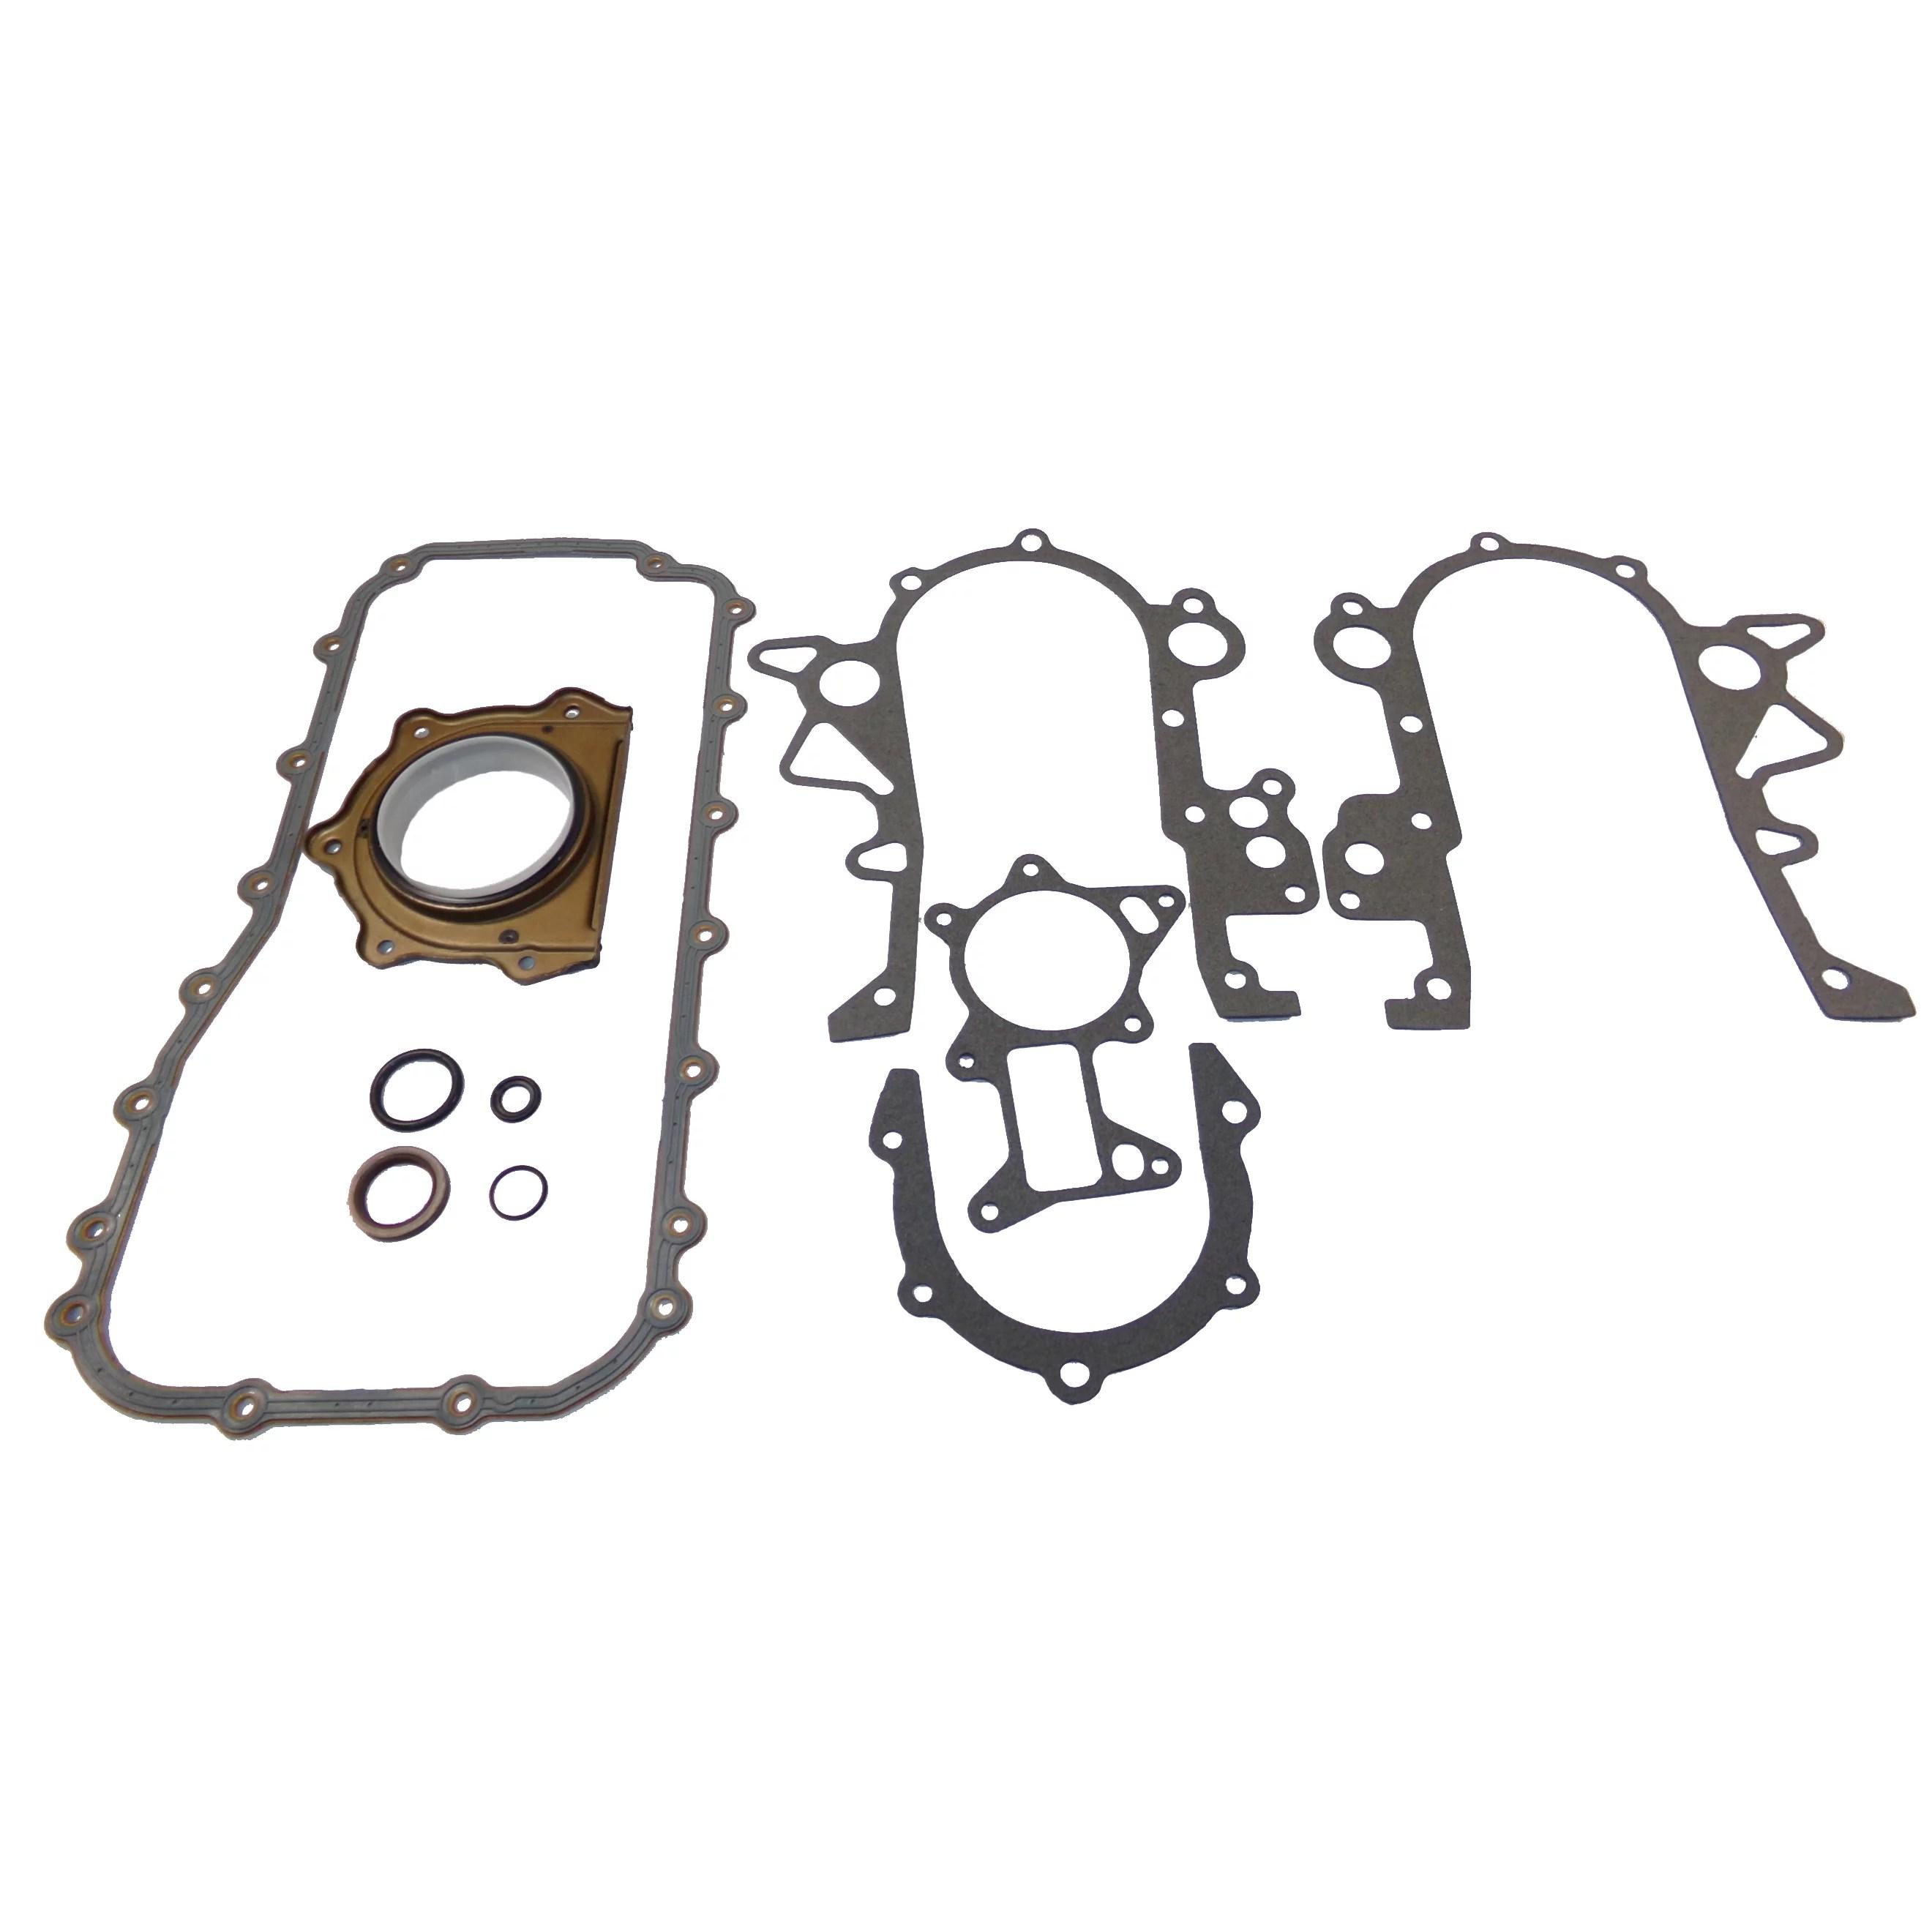 Dnj Lower Gasket Set Lgs For 07 11 Jeep V6 3 8l 231